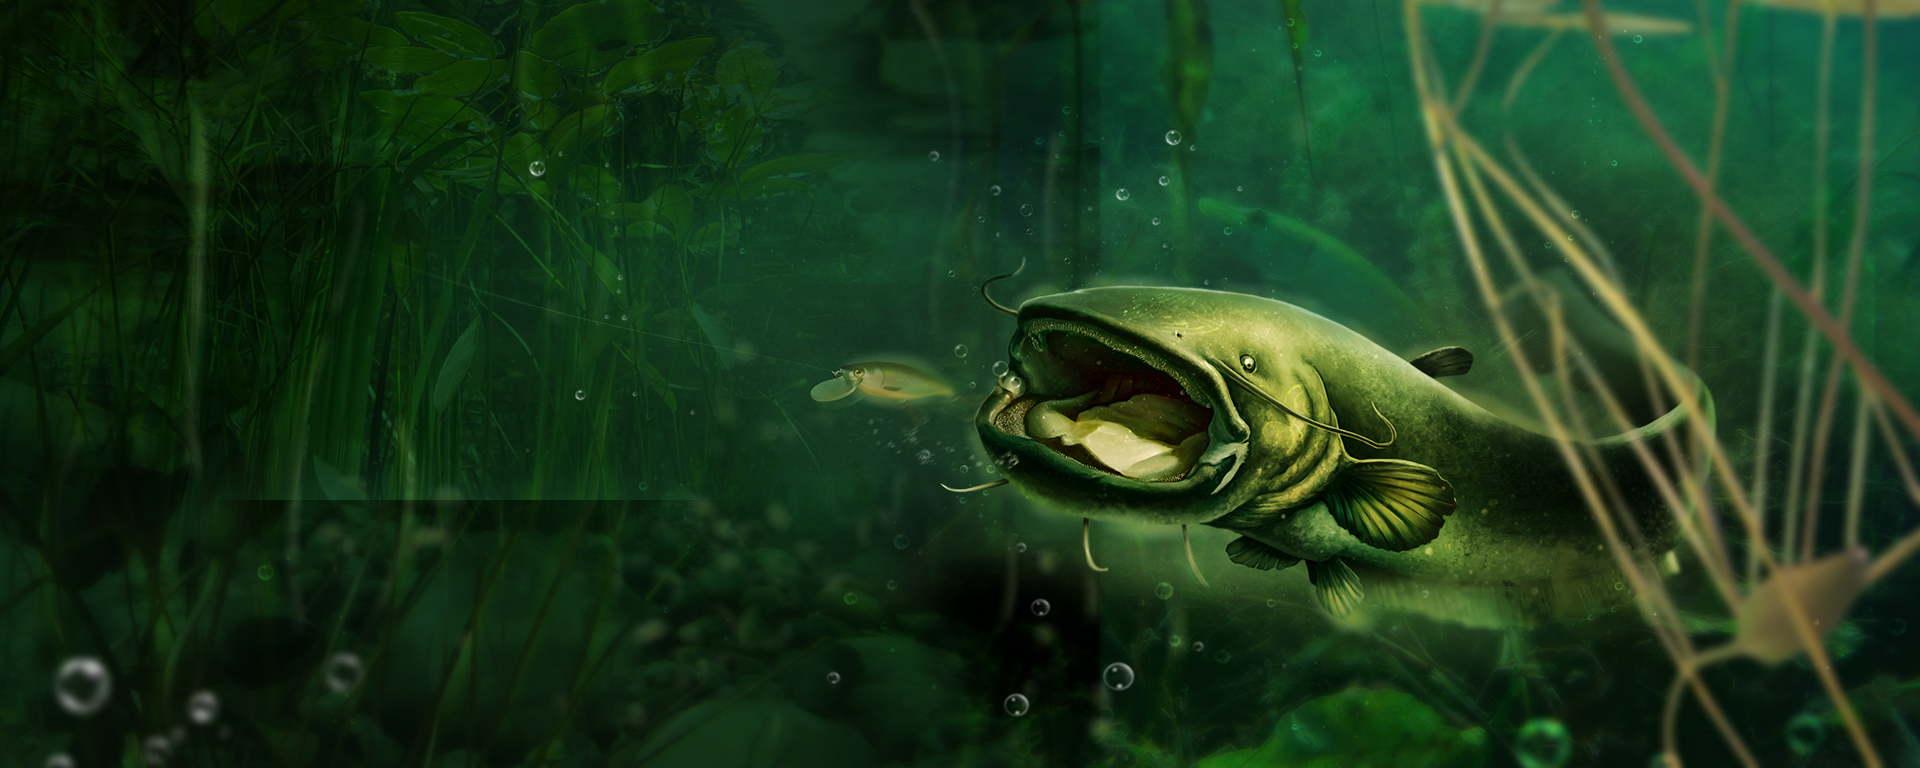 Czy wiedziałeś, że łowienie ryb i polowanie mogą być tak wciągające?